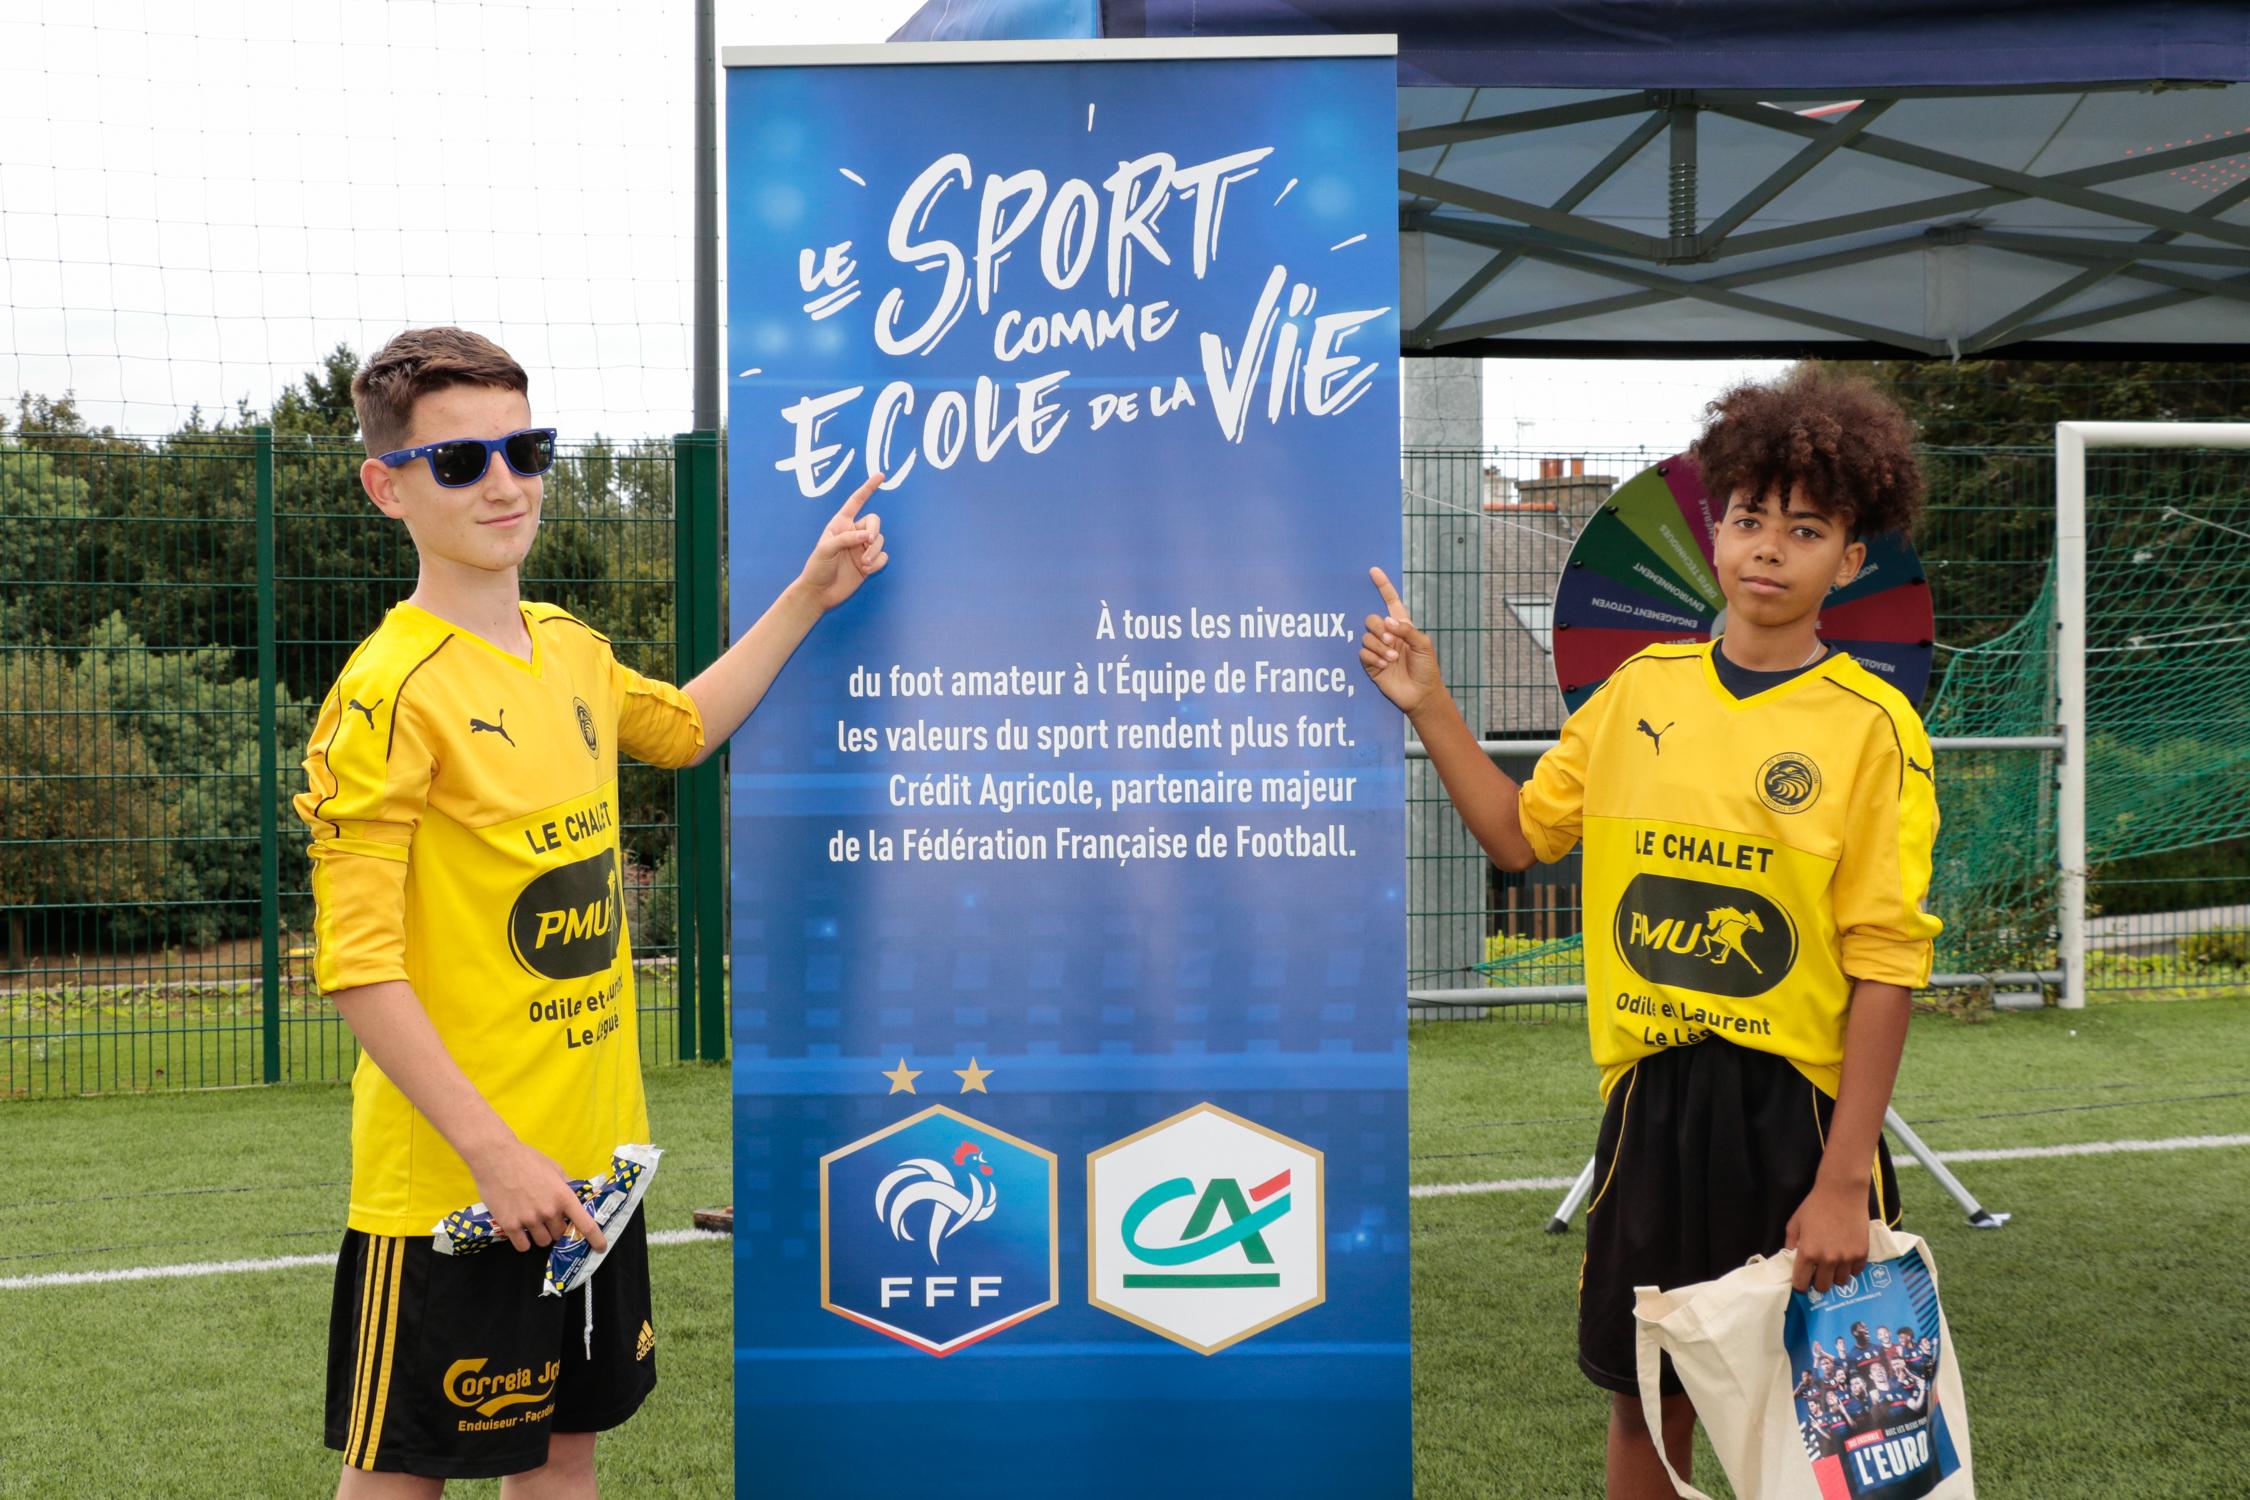 Tournée reprise foot amateur Bretagne